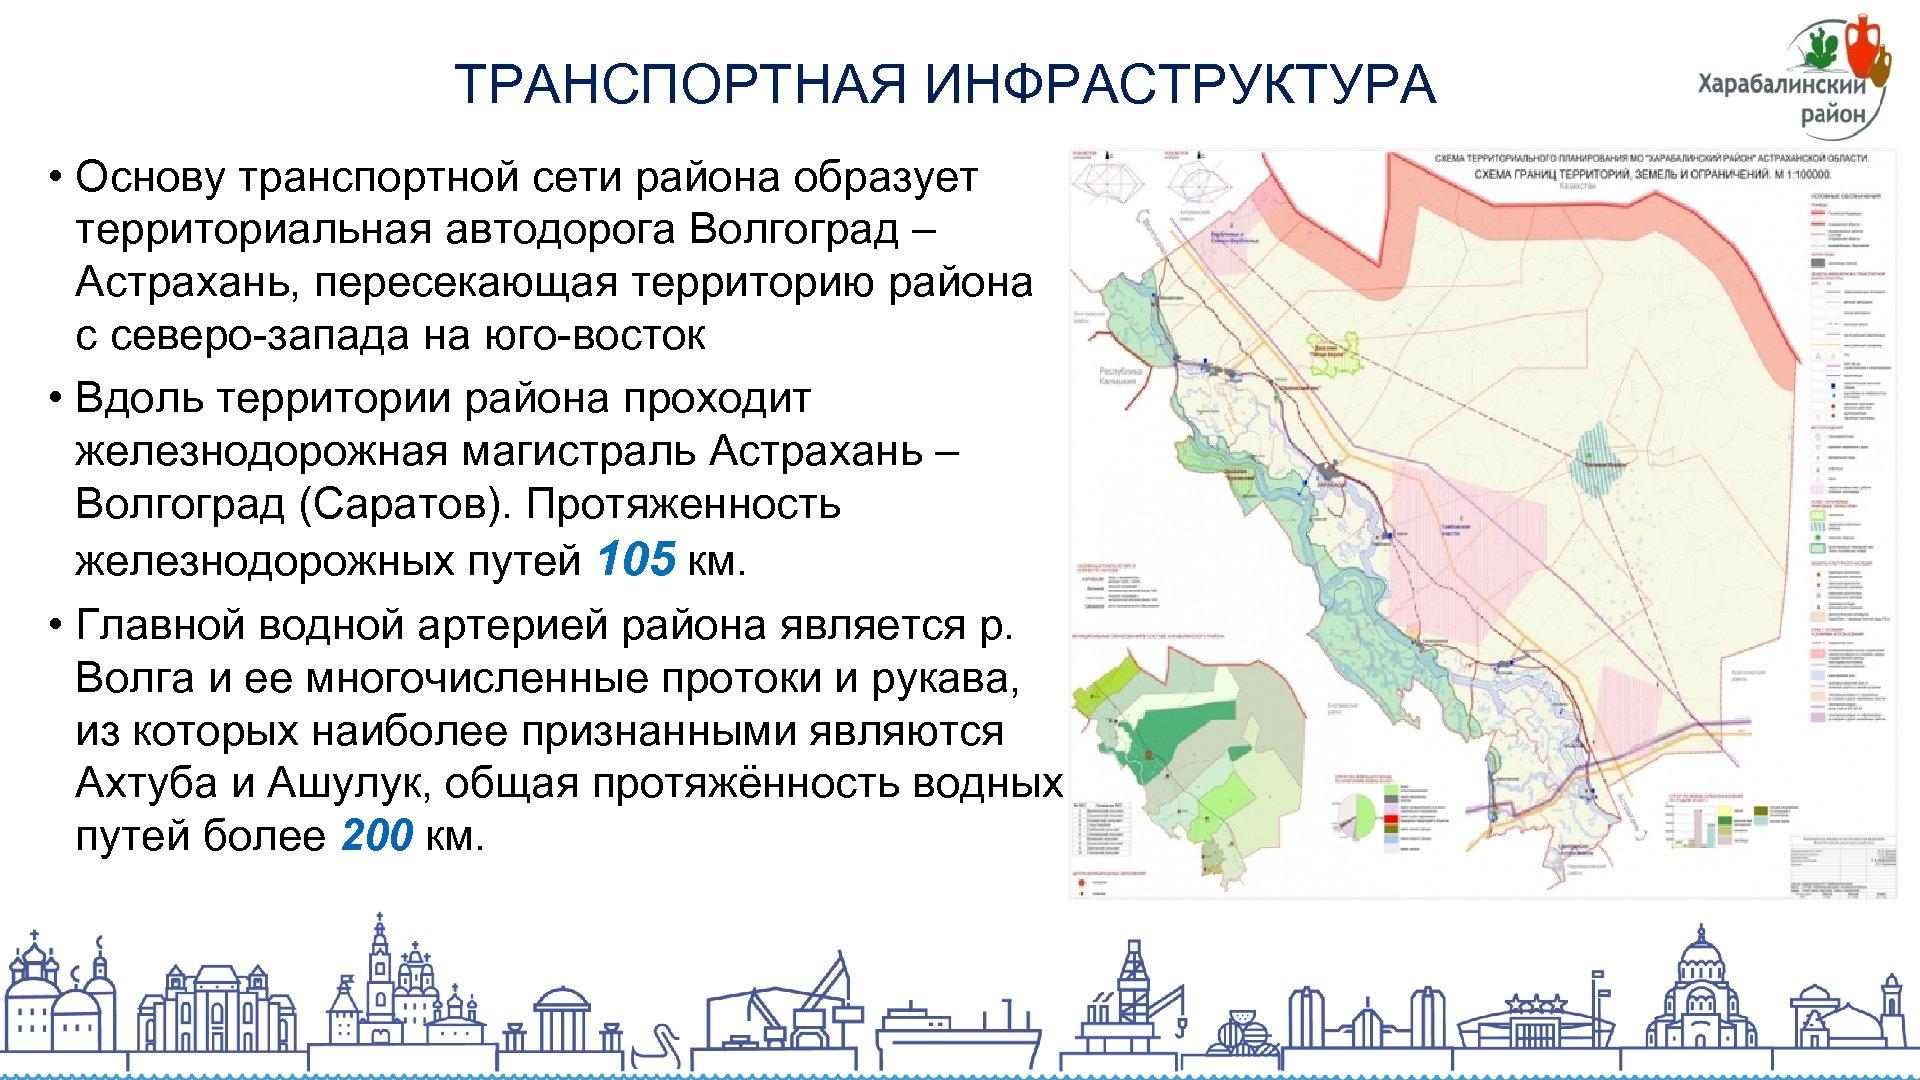 ТРАНСПОРТНАЯ ИНФРАСТРУКТУРА • Основу транспортной сети района образует территориальная автодорога Волгоград – Астрахань, пересекающая